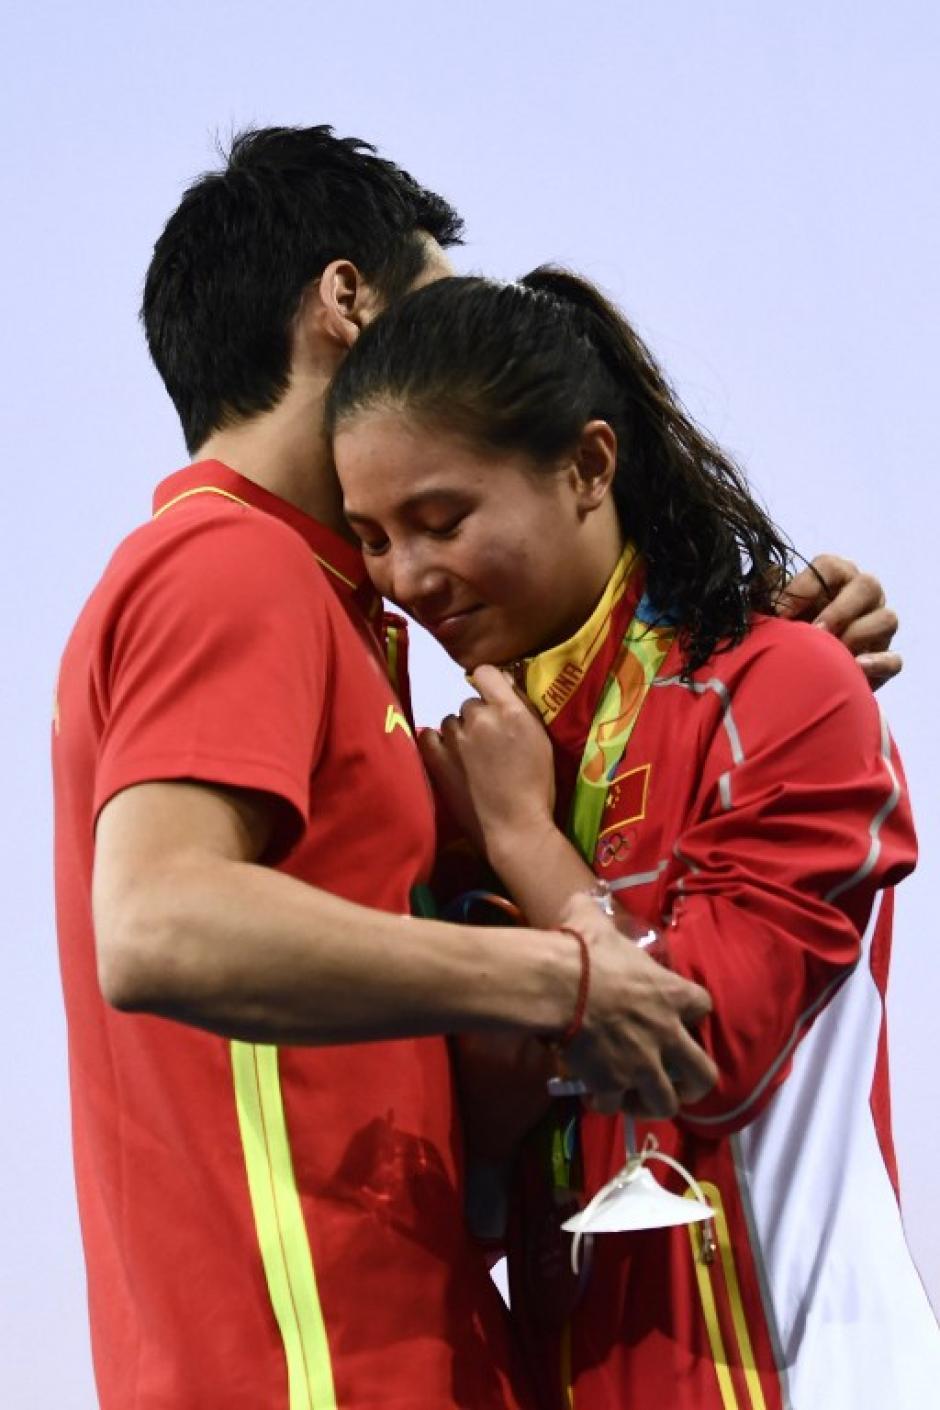 He Zi acababa de ganar la plata cuando su novio se acercó por sorpresa. (Foto: AFP)